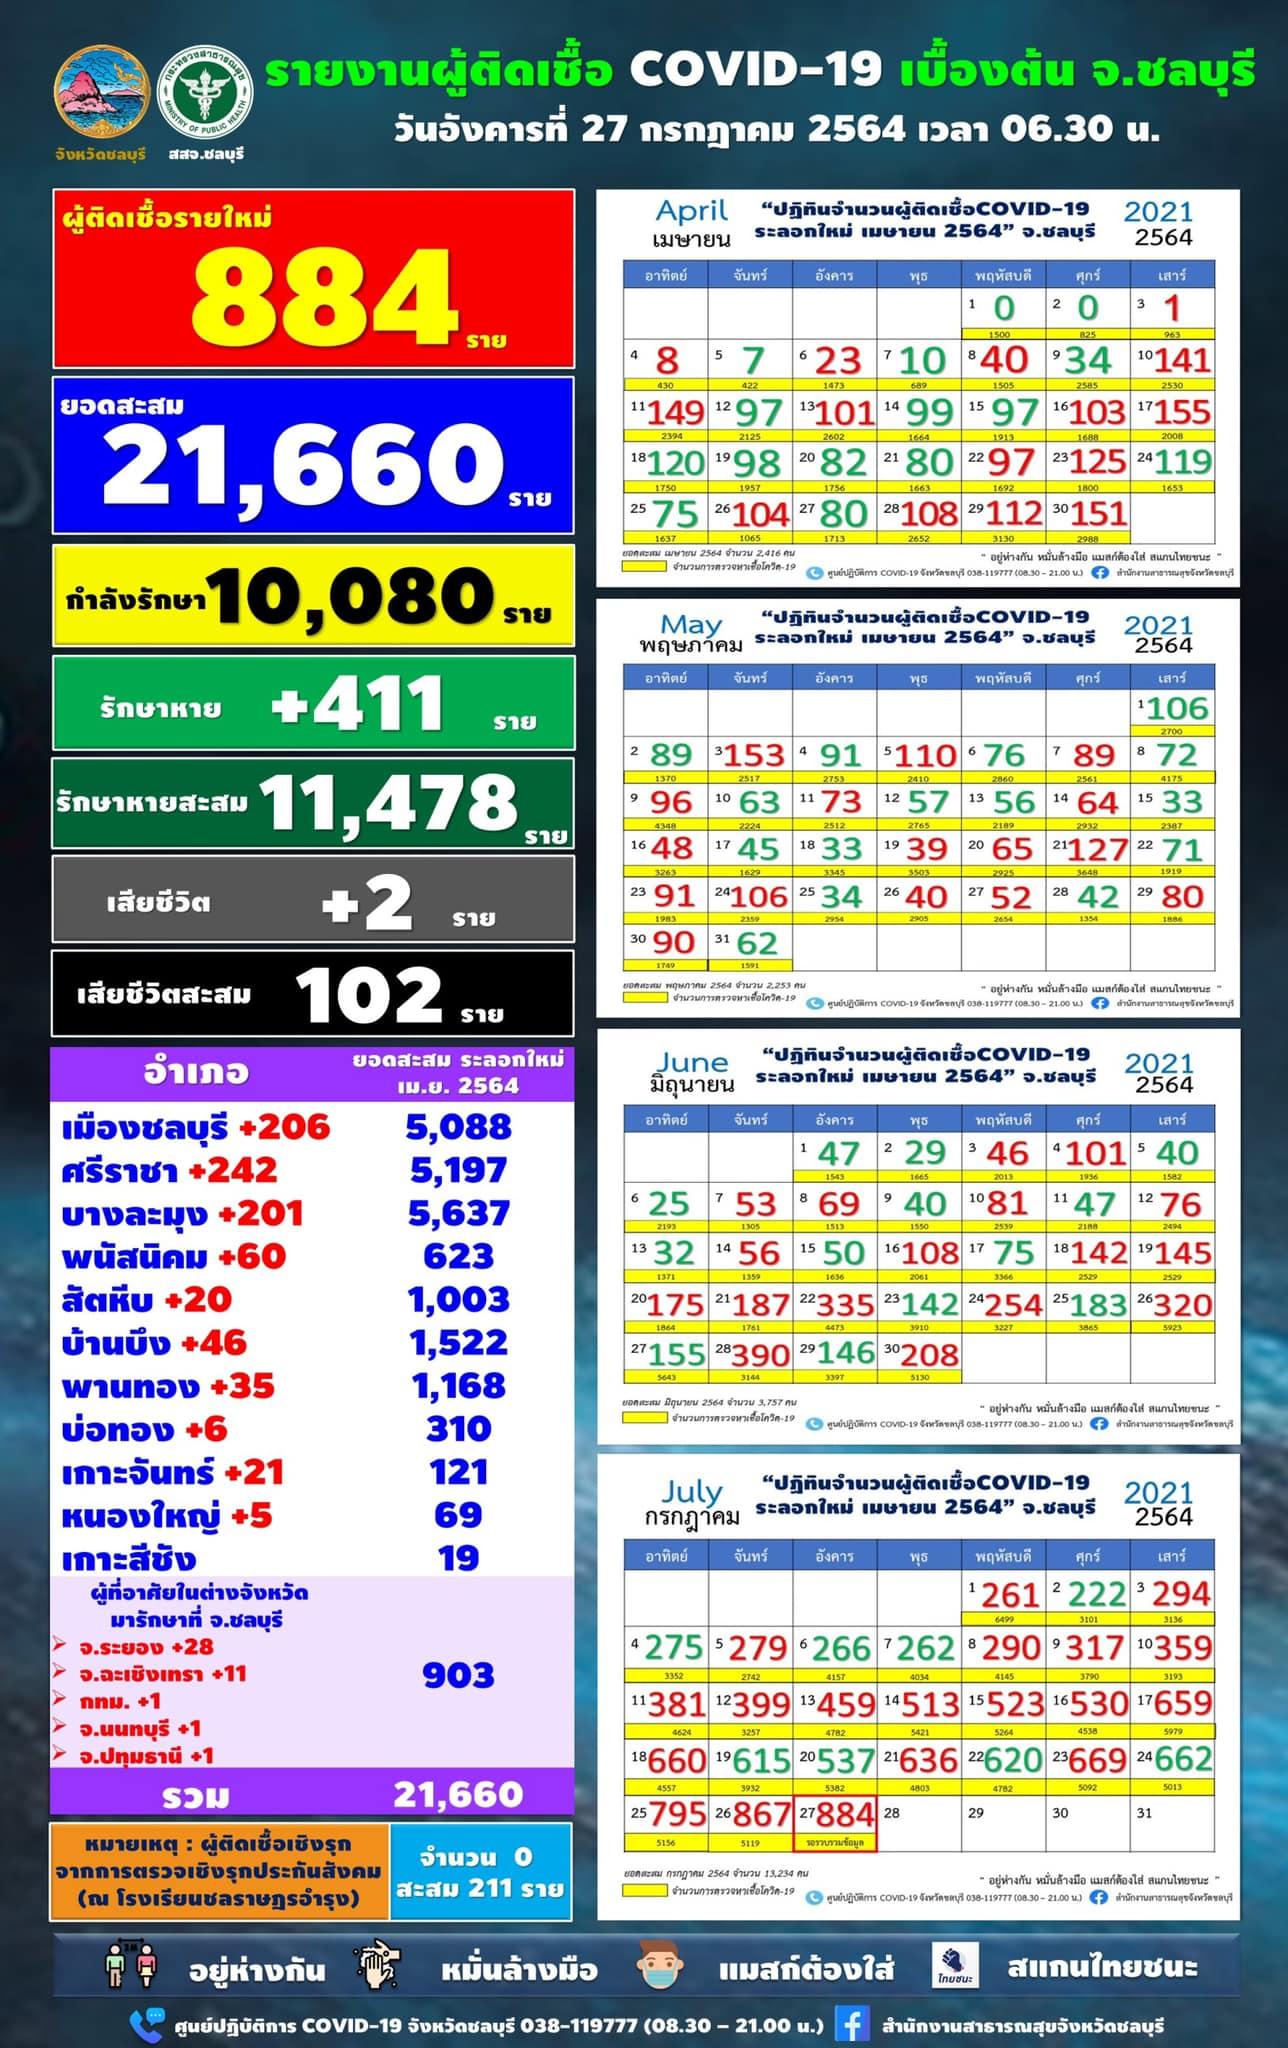 チョンブリ県 884人陽性で過去最多/シラチャ242人/ムアン206人/パタヤ201人 [2021年7月27日]